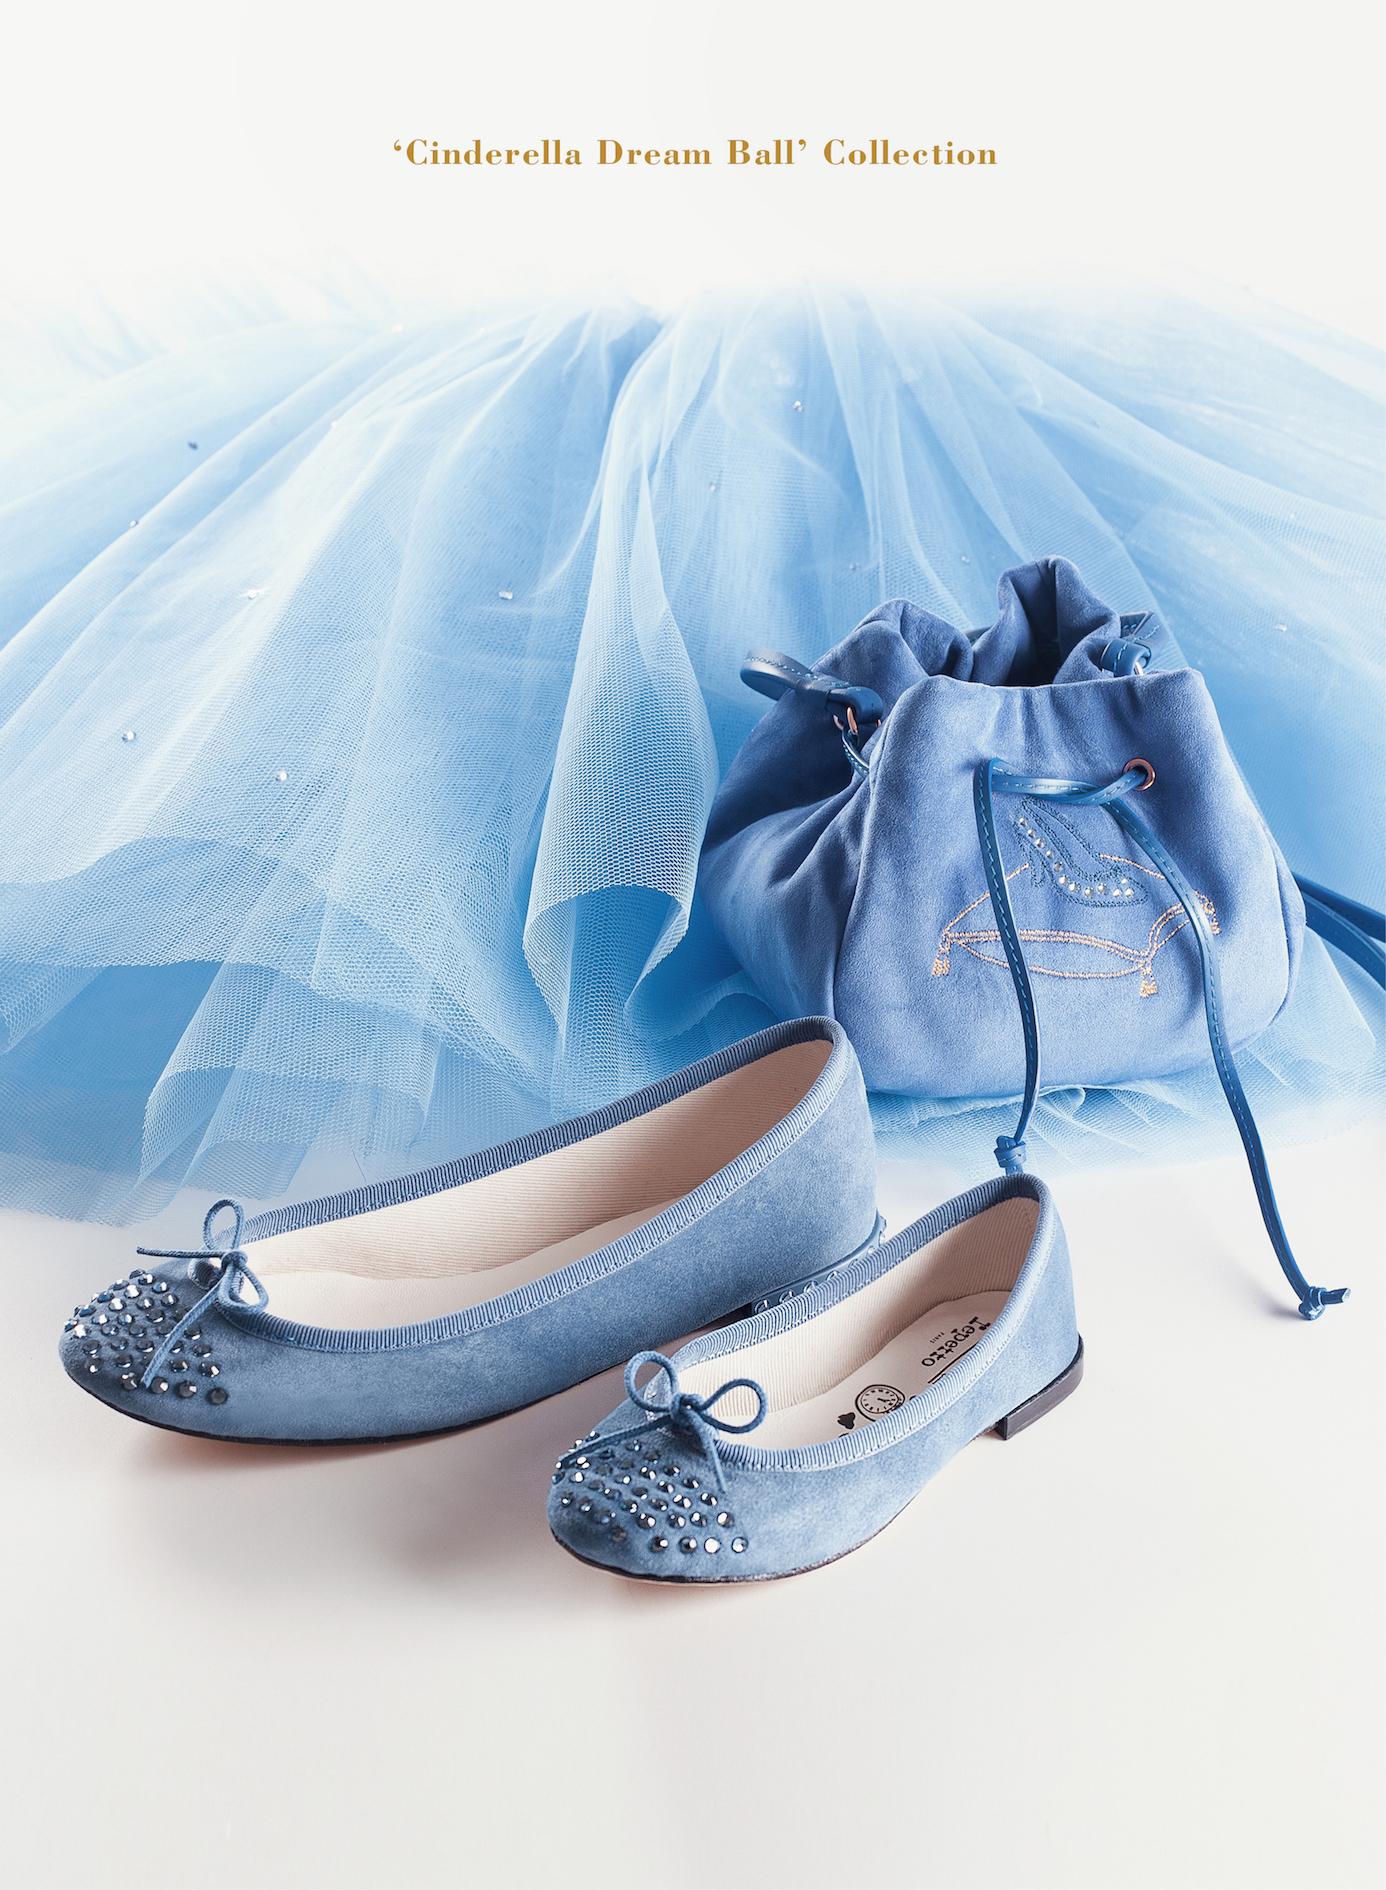 レペット×シンデレラのコラボは、ドレスと同じブルーのアイテム♡_1